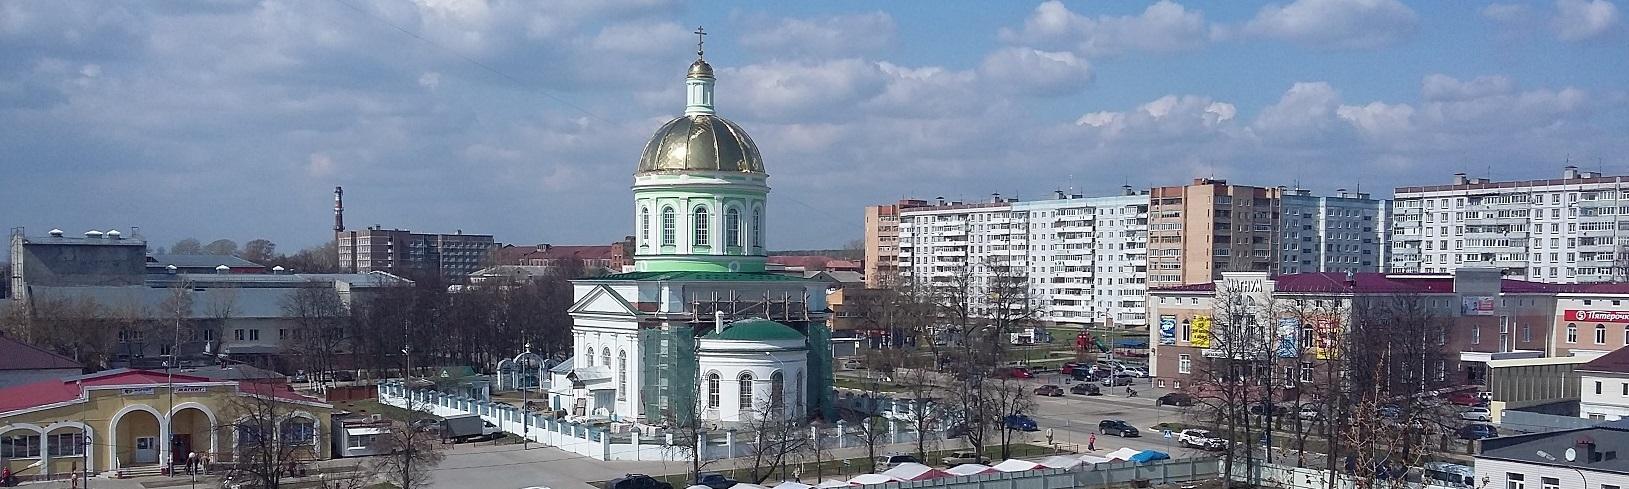 Грузоперевозки из Москвы в Озеры